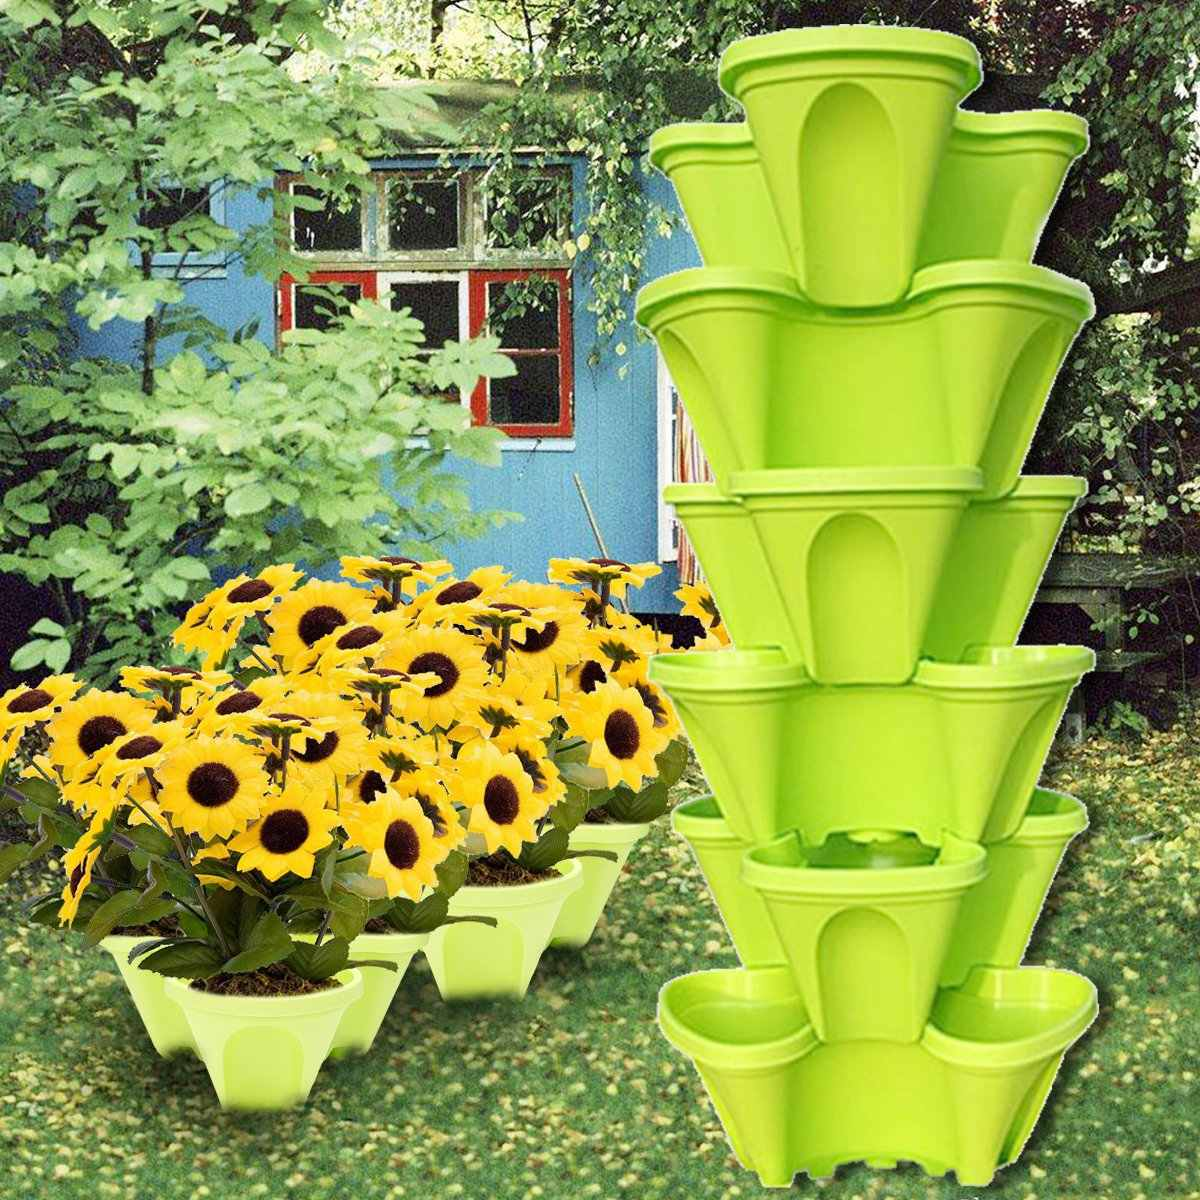 Empilháveis de Plástico Titular Plantador de Vaso de flores Vaso de Plantas Suculentas Bonsai Potes Berçário 5 Cores Para Casa Jardim Varanda Decoração